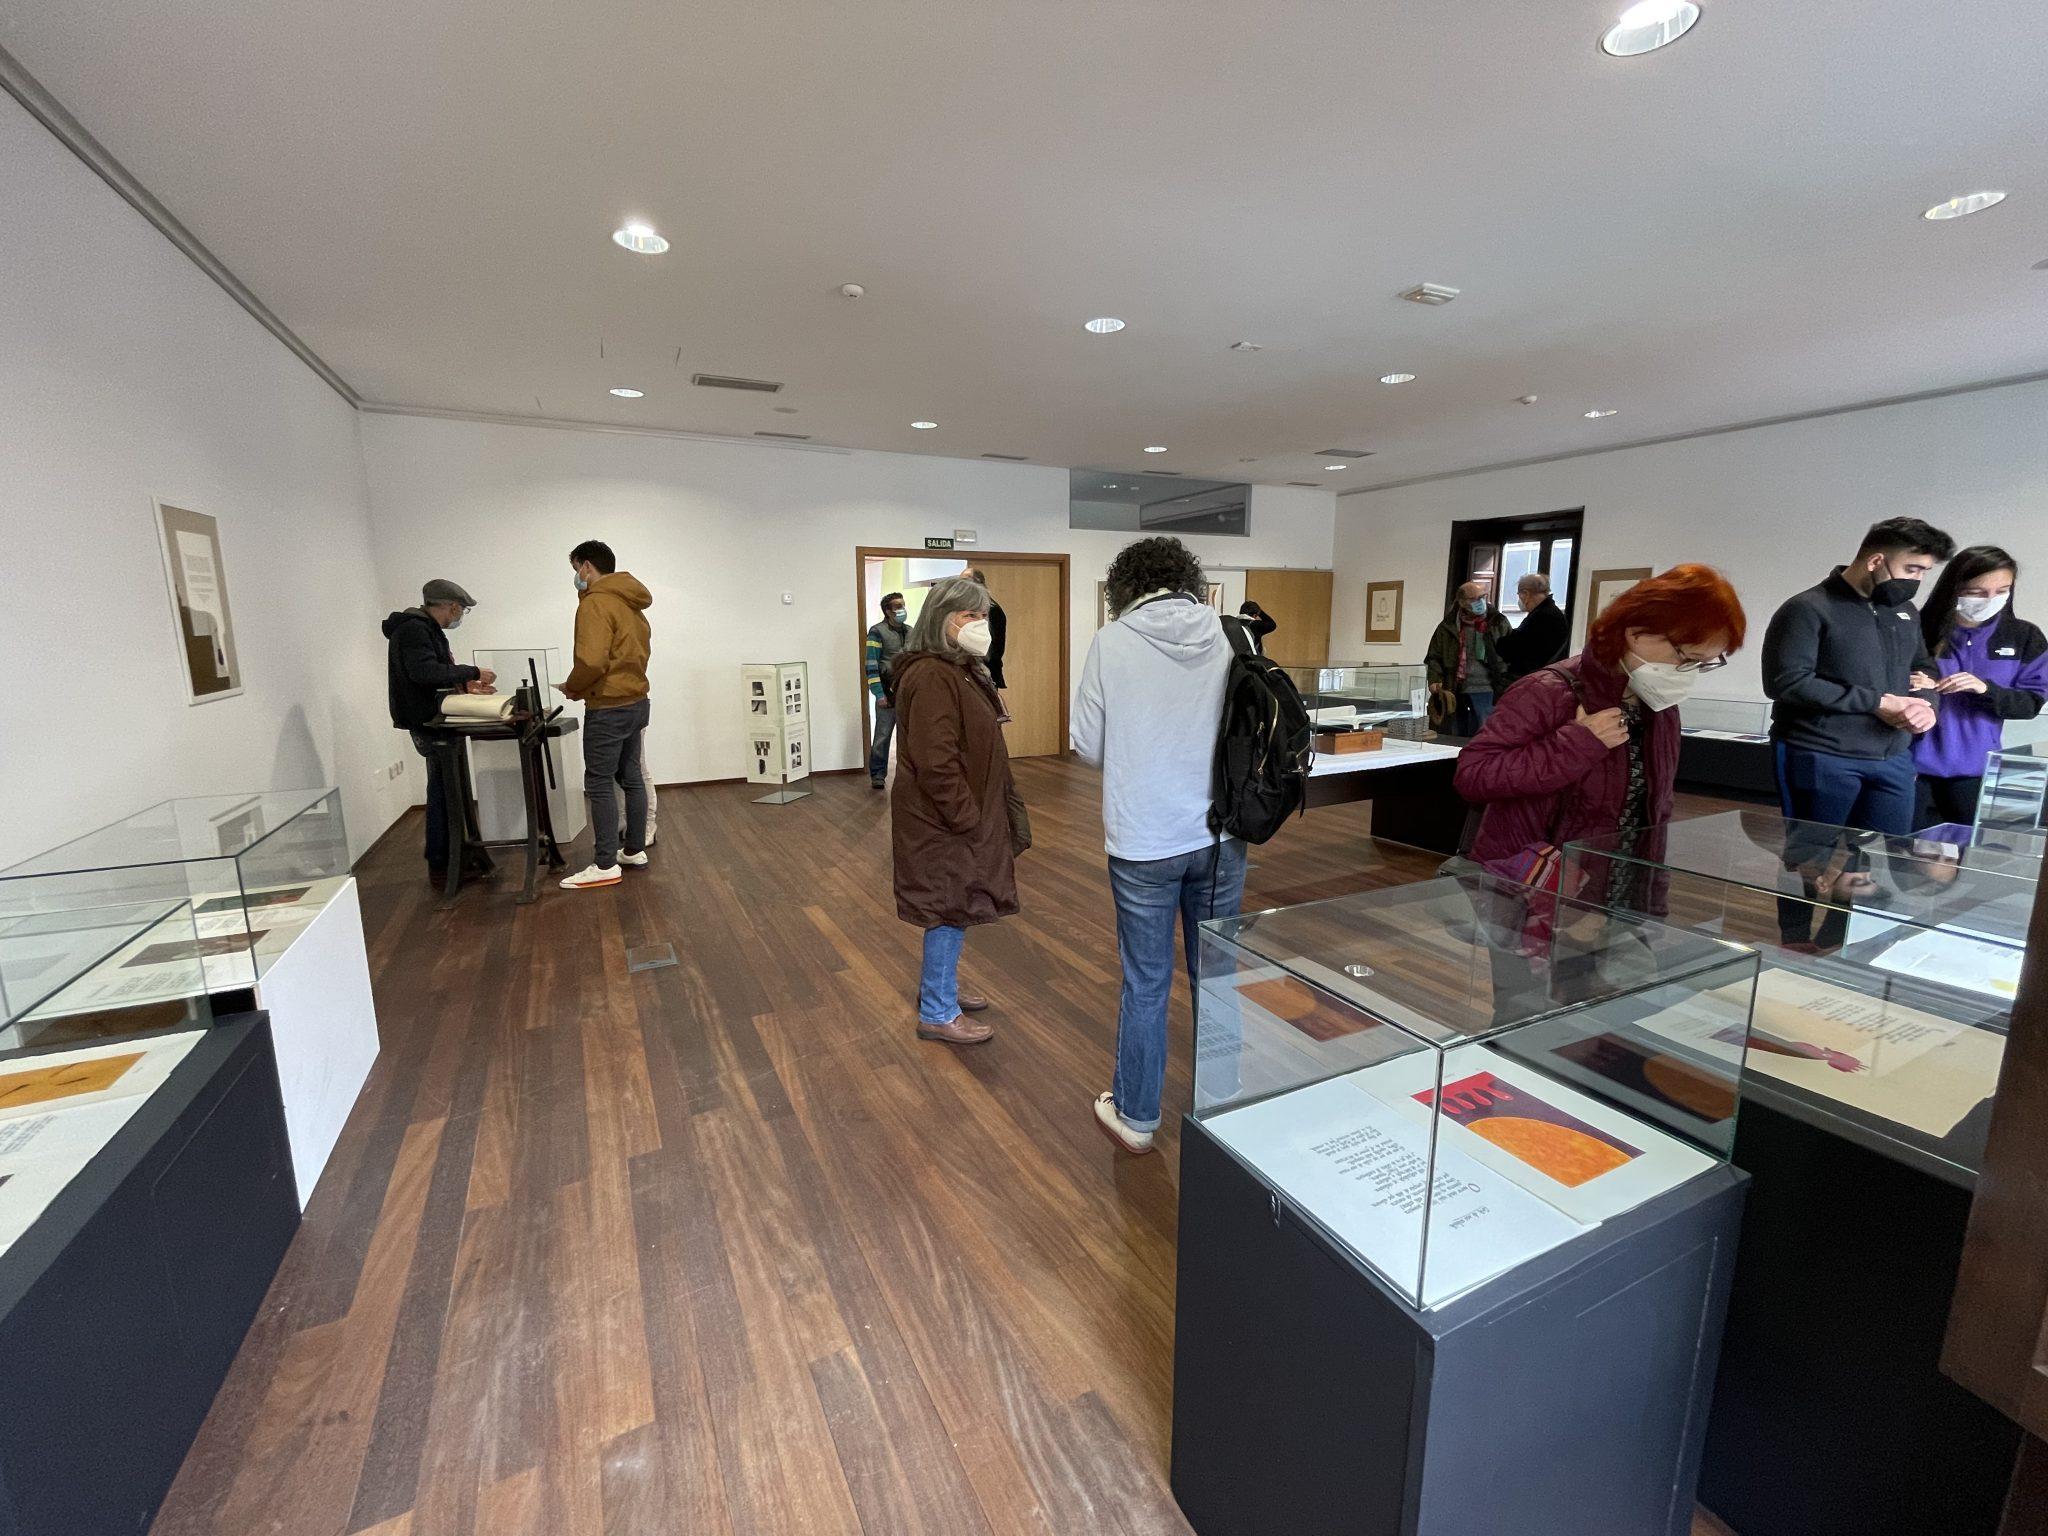 Inaugurada en el Marca de Cacabelos, la exposición 'Vademecum' del berciano Juan Manuel Santos 1